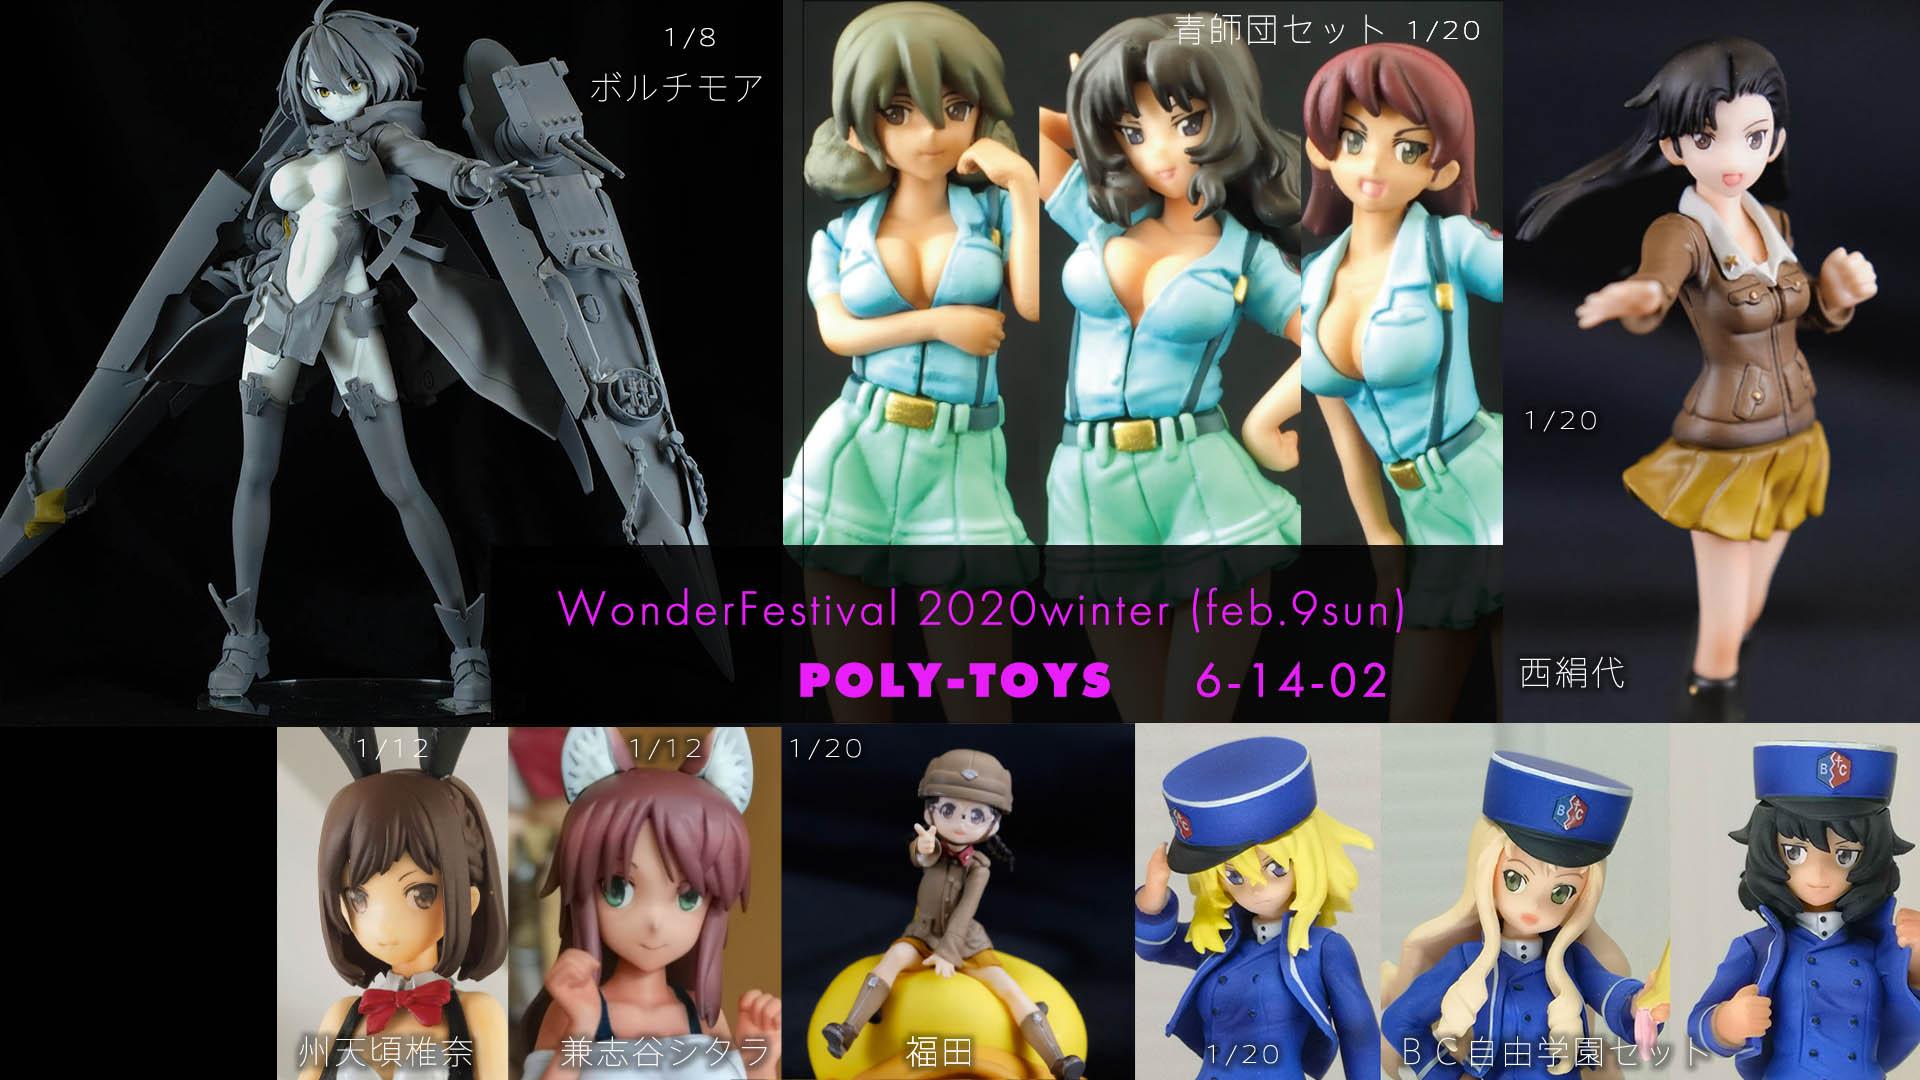 http://polytoys.boo.jp/poly-log2/cut%201.jpg